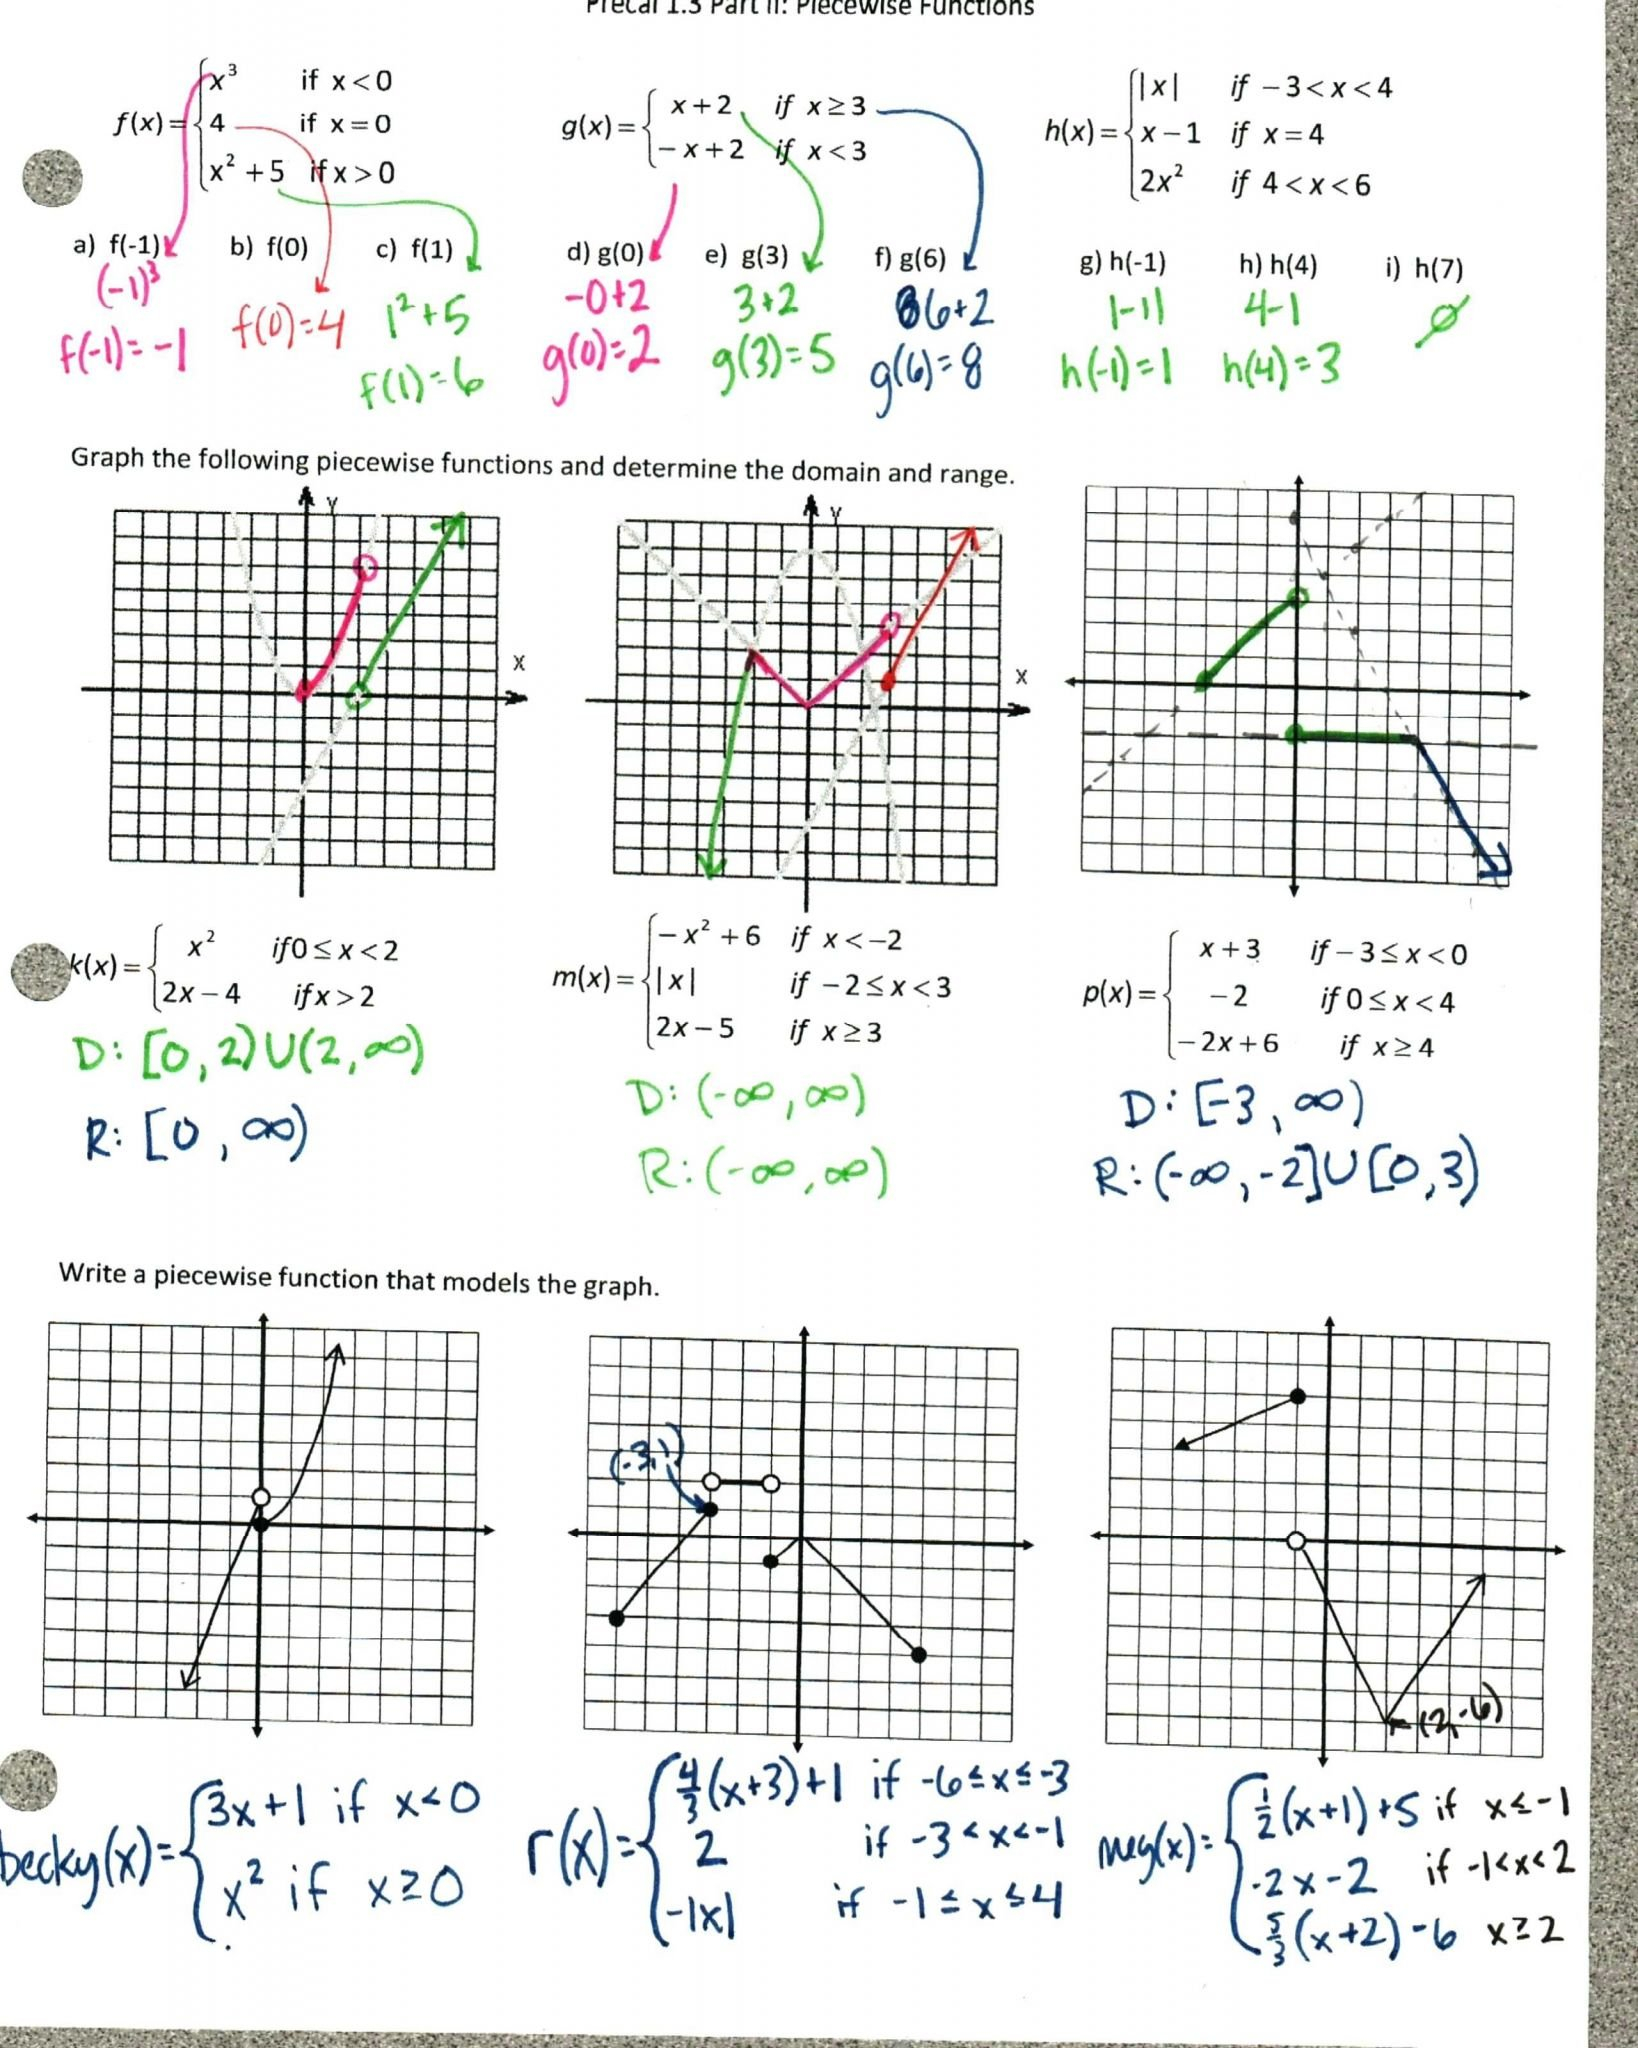 Quadratics Review Worksheet Answers  Briefencounters In Graphing Quadratics Review Worksheet Answers